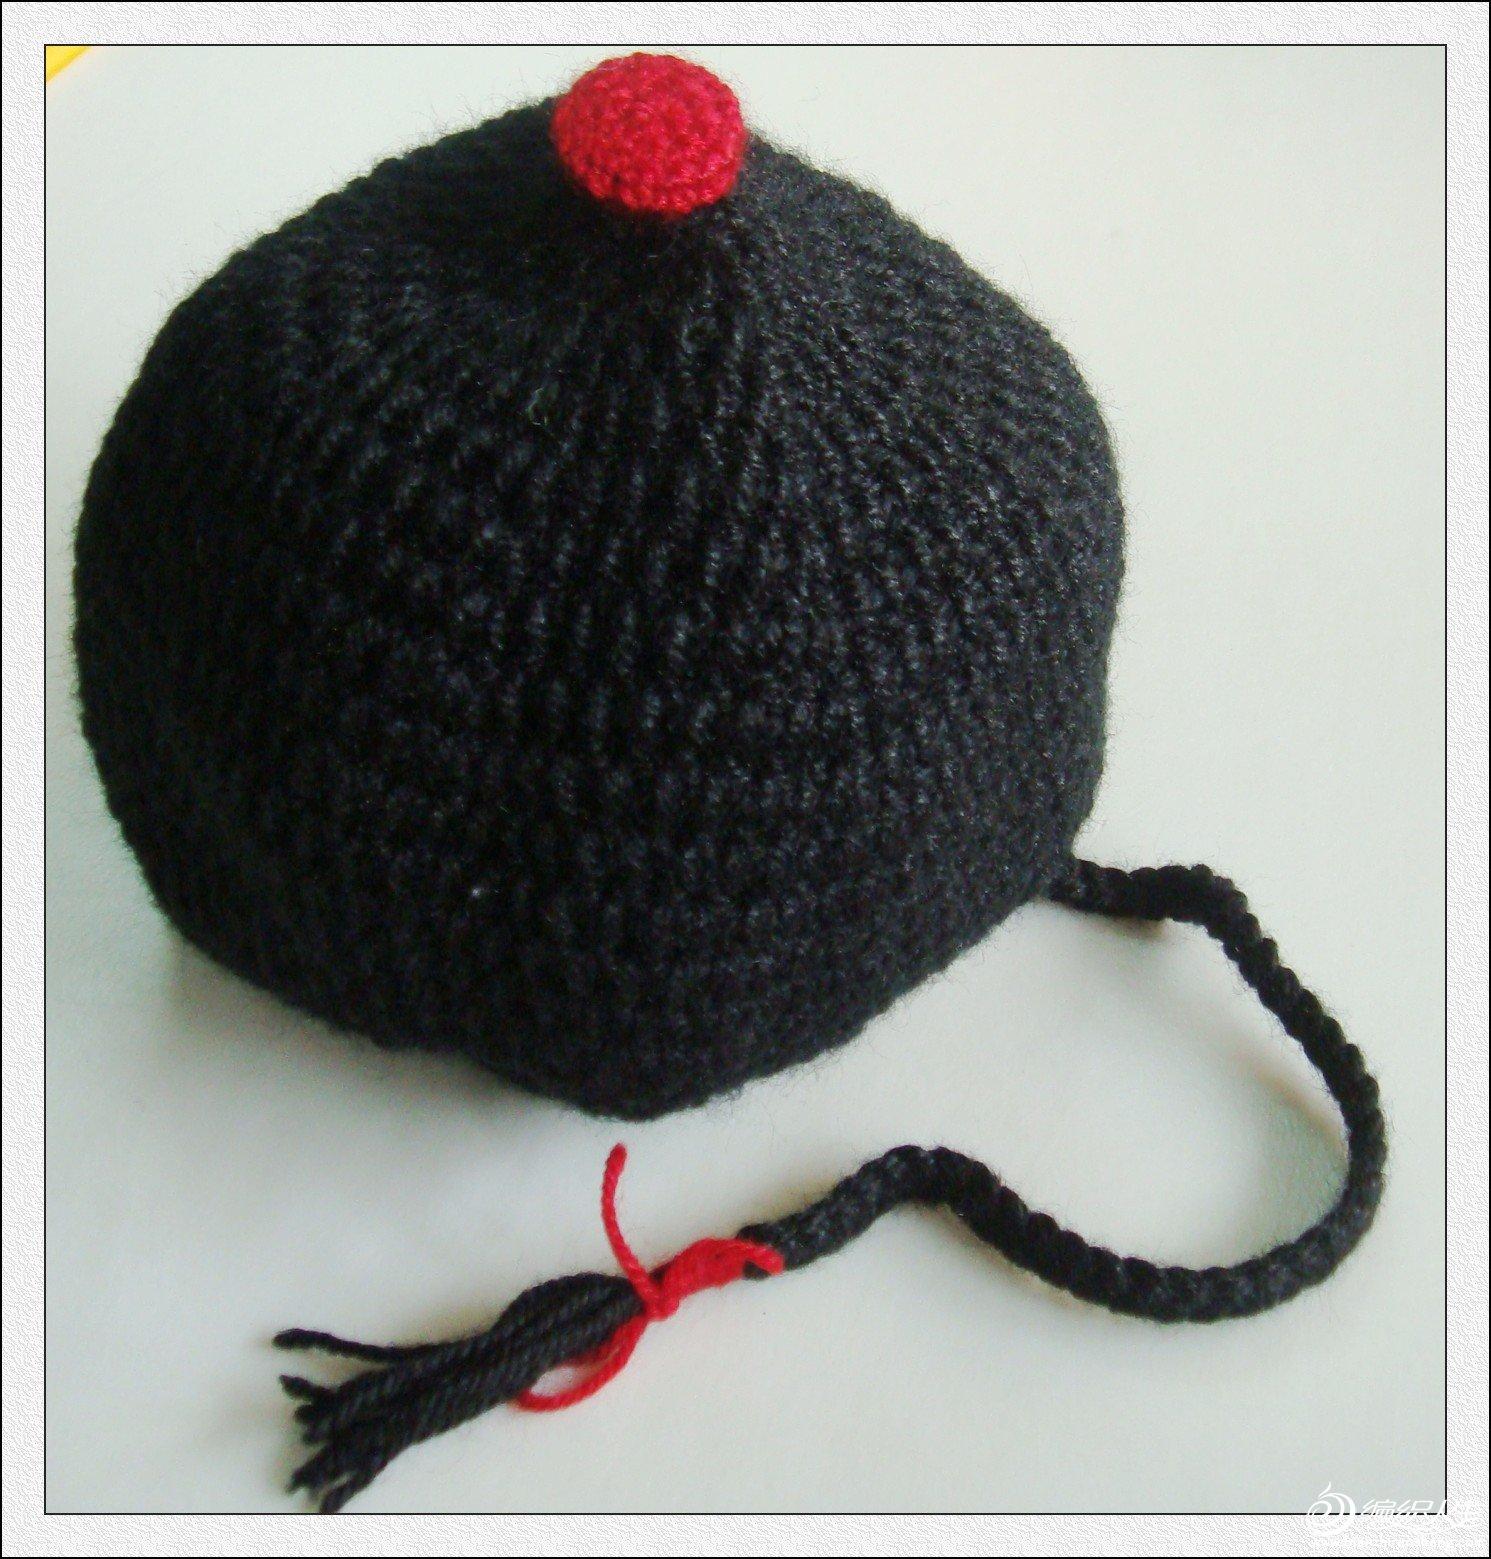 瓜皮帽2.jpg